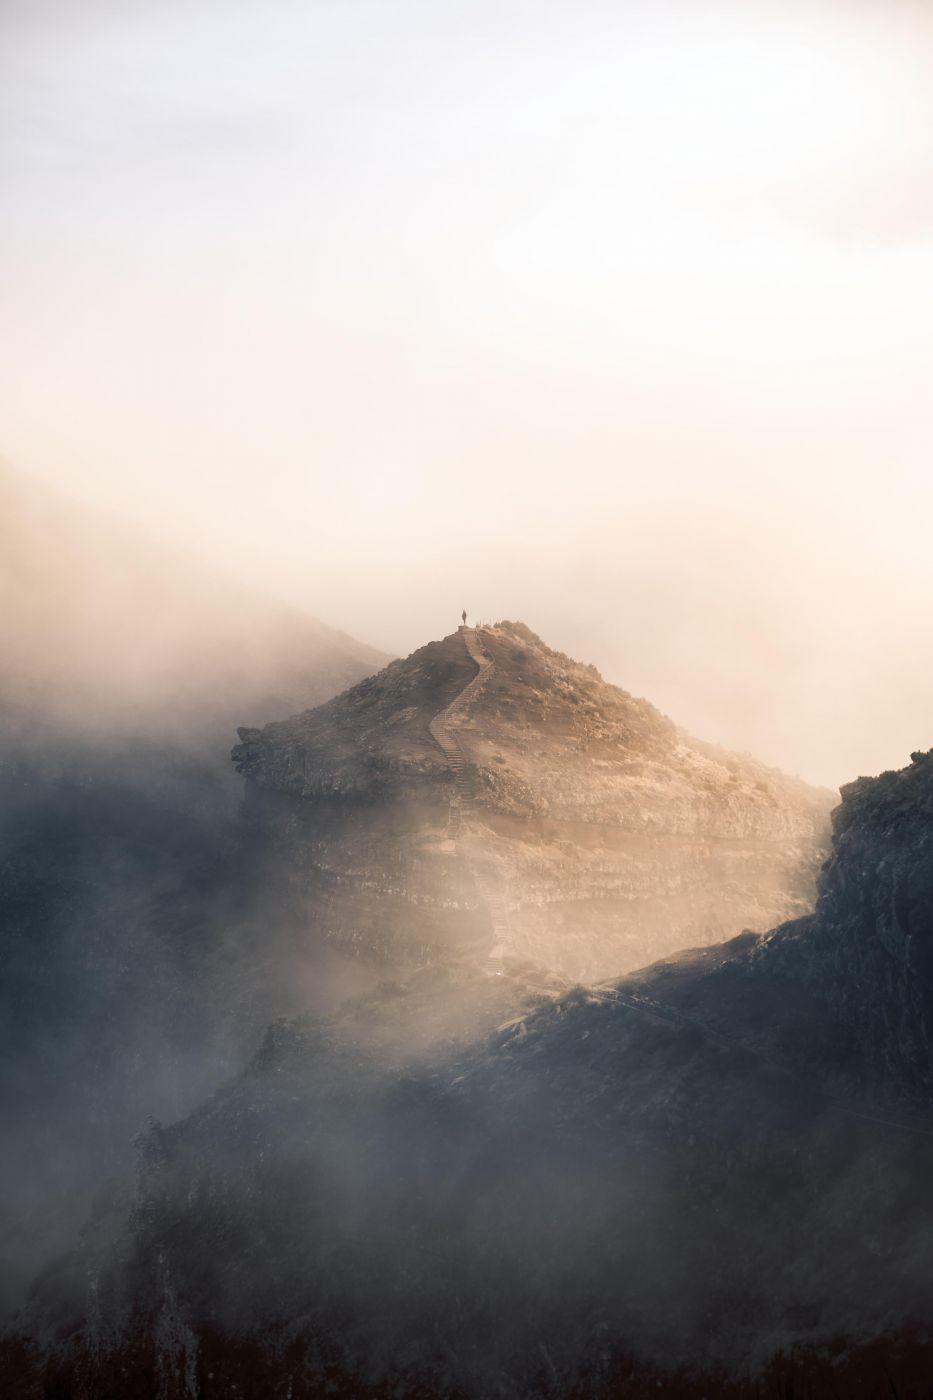 Pico Ariero, Portugal